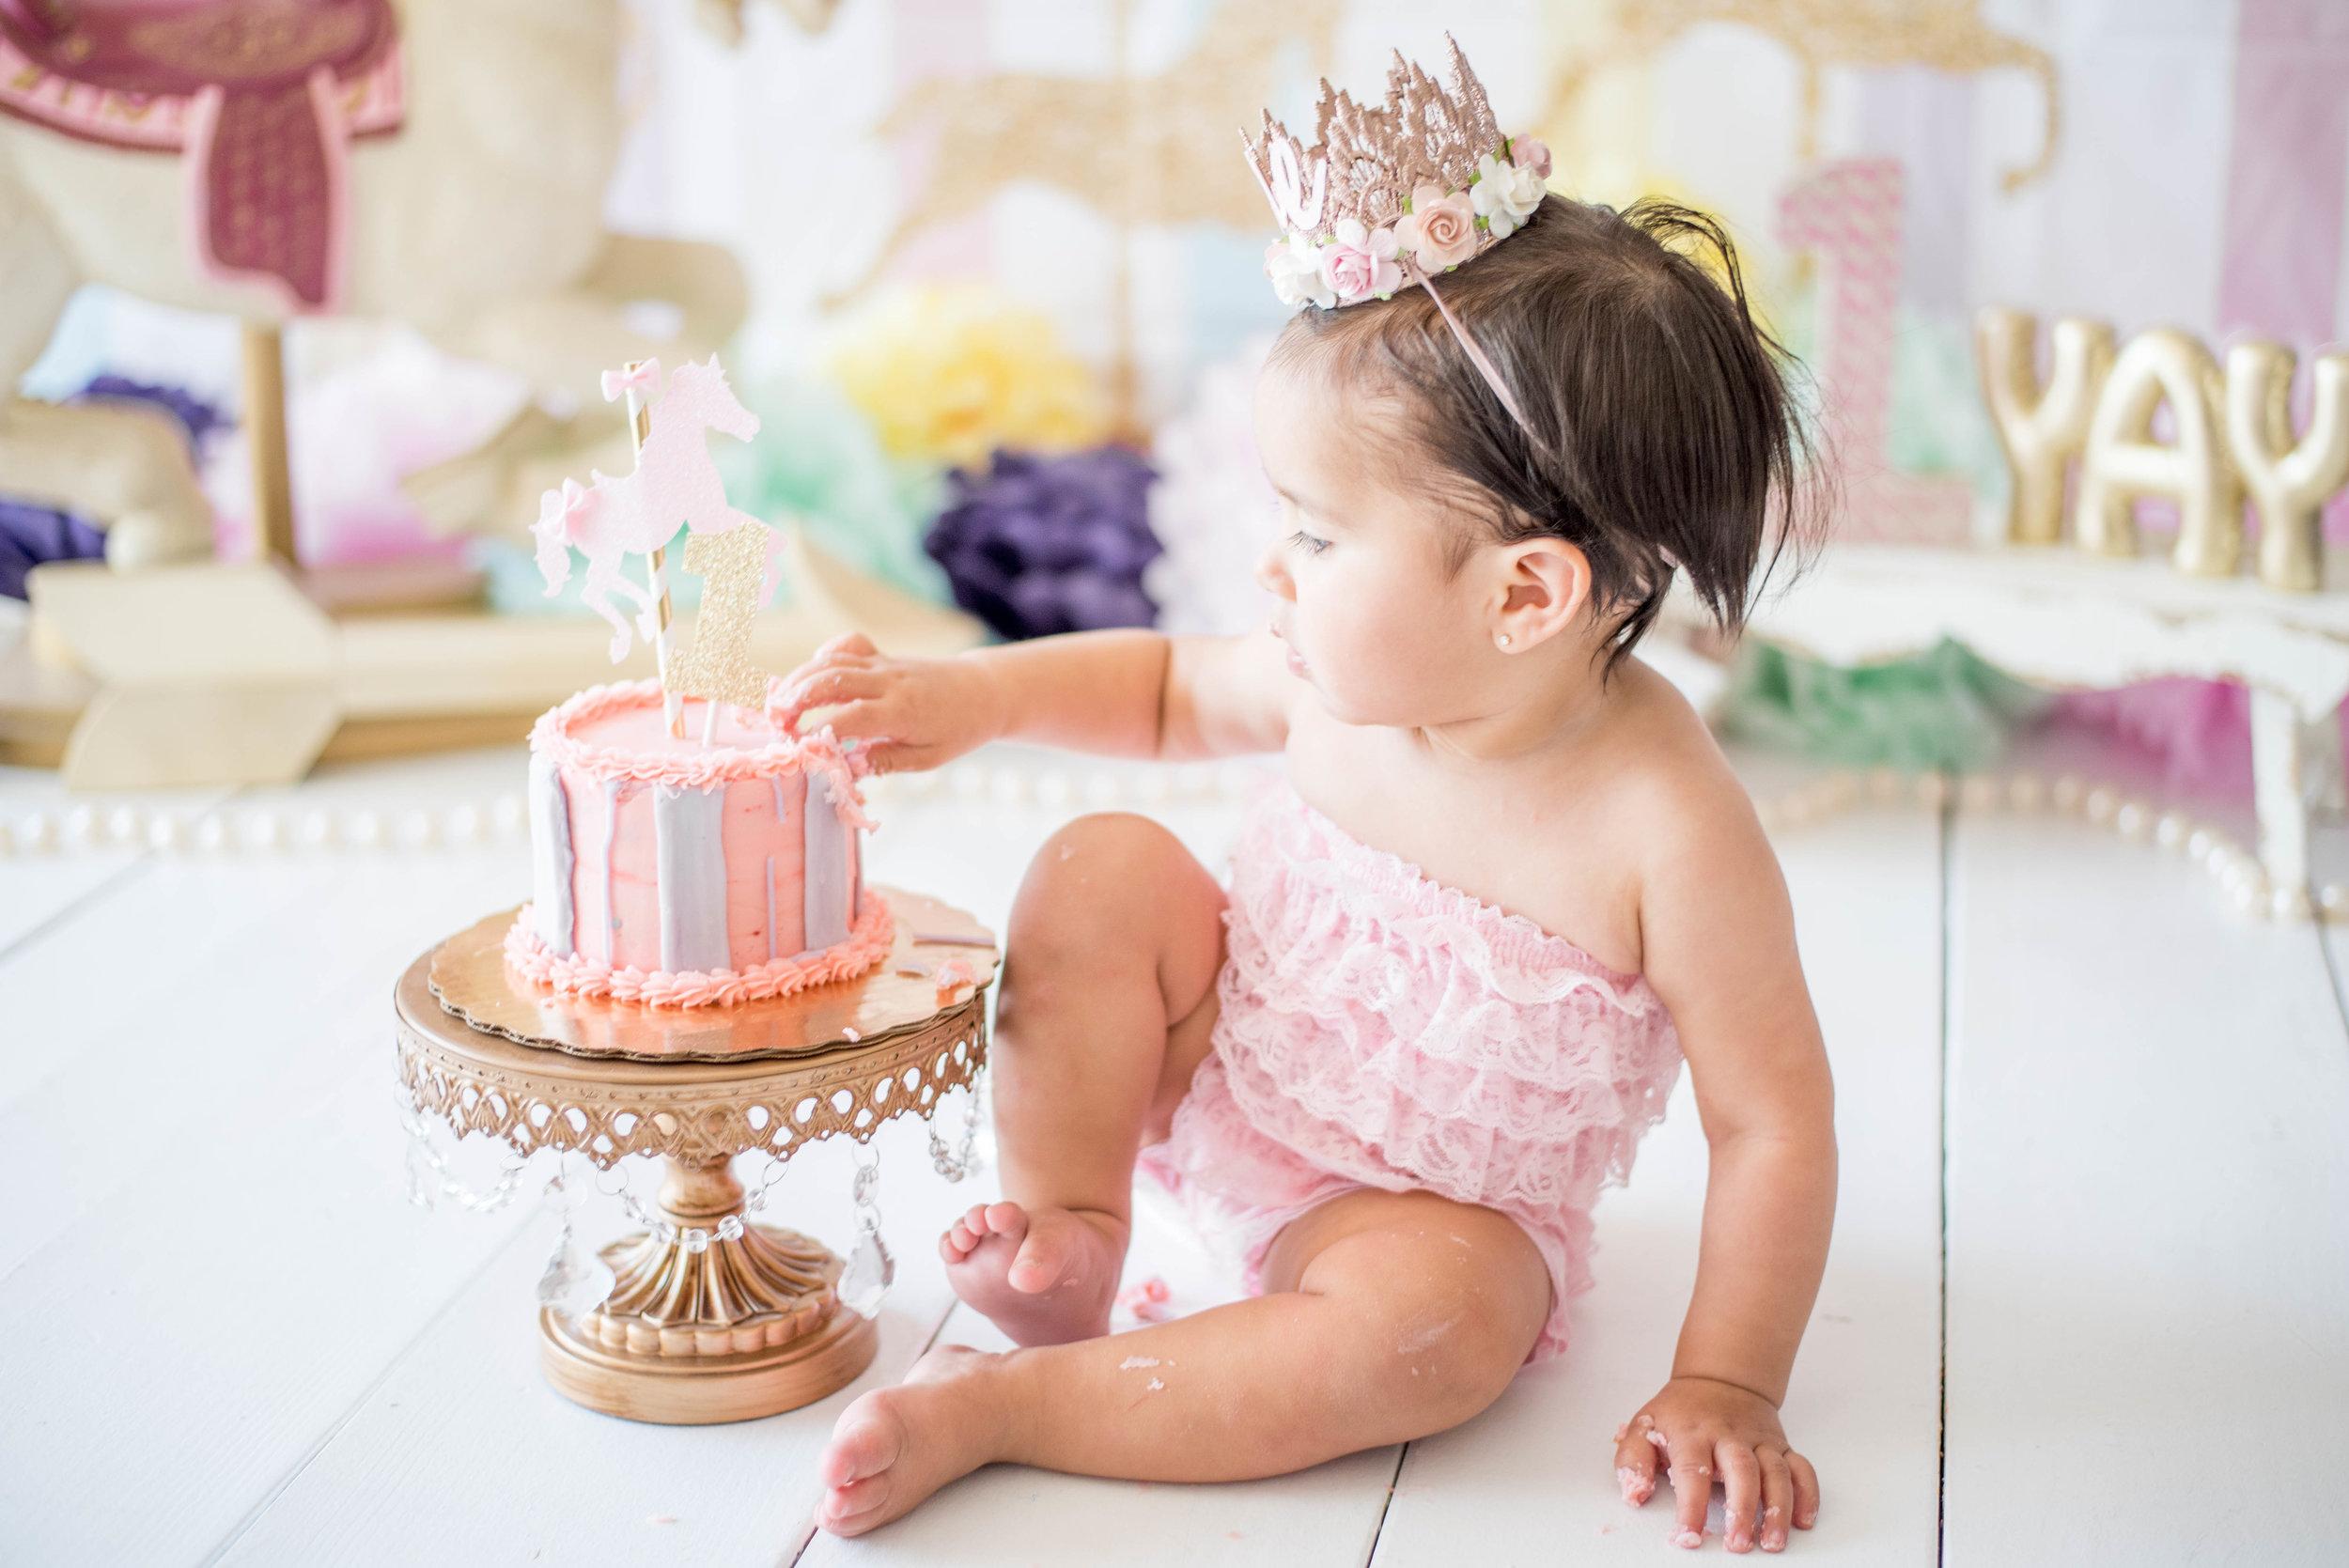 Carousel Cake Smash Photoshoot